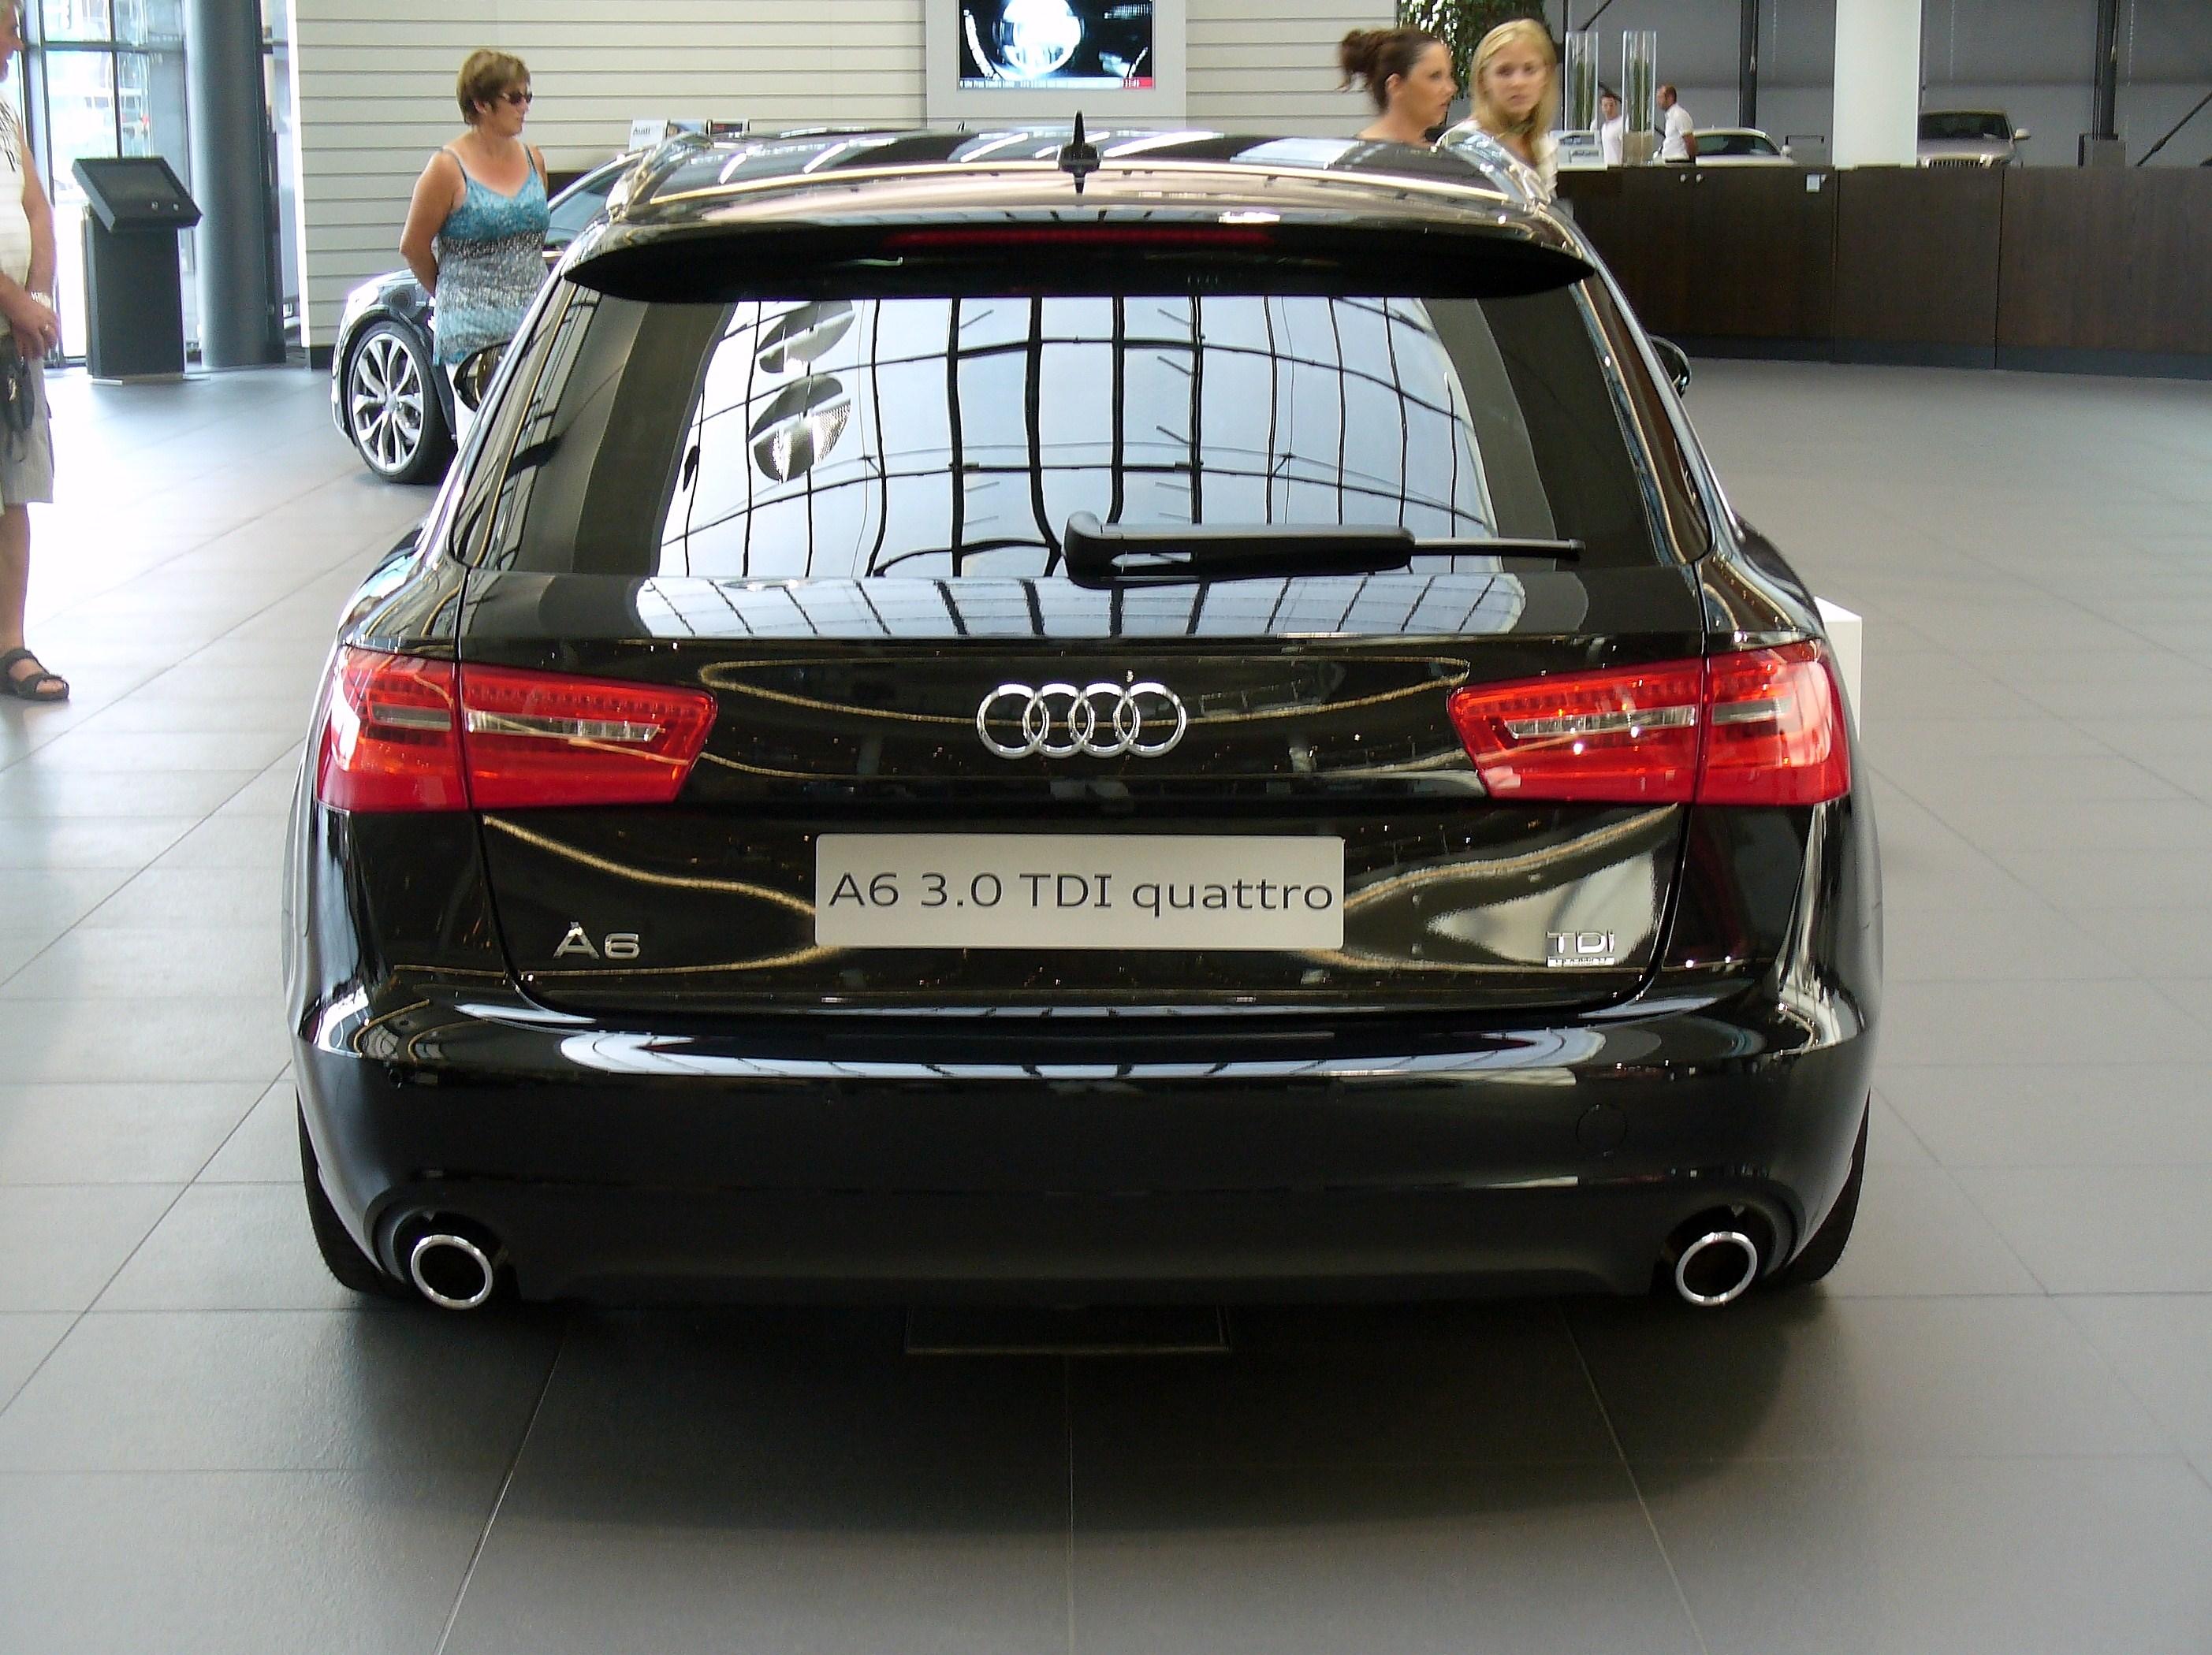 Kelebihan Kekurangan Audi A6 Quattro 3.0 Tdi Top Model Tahun Ini